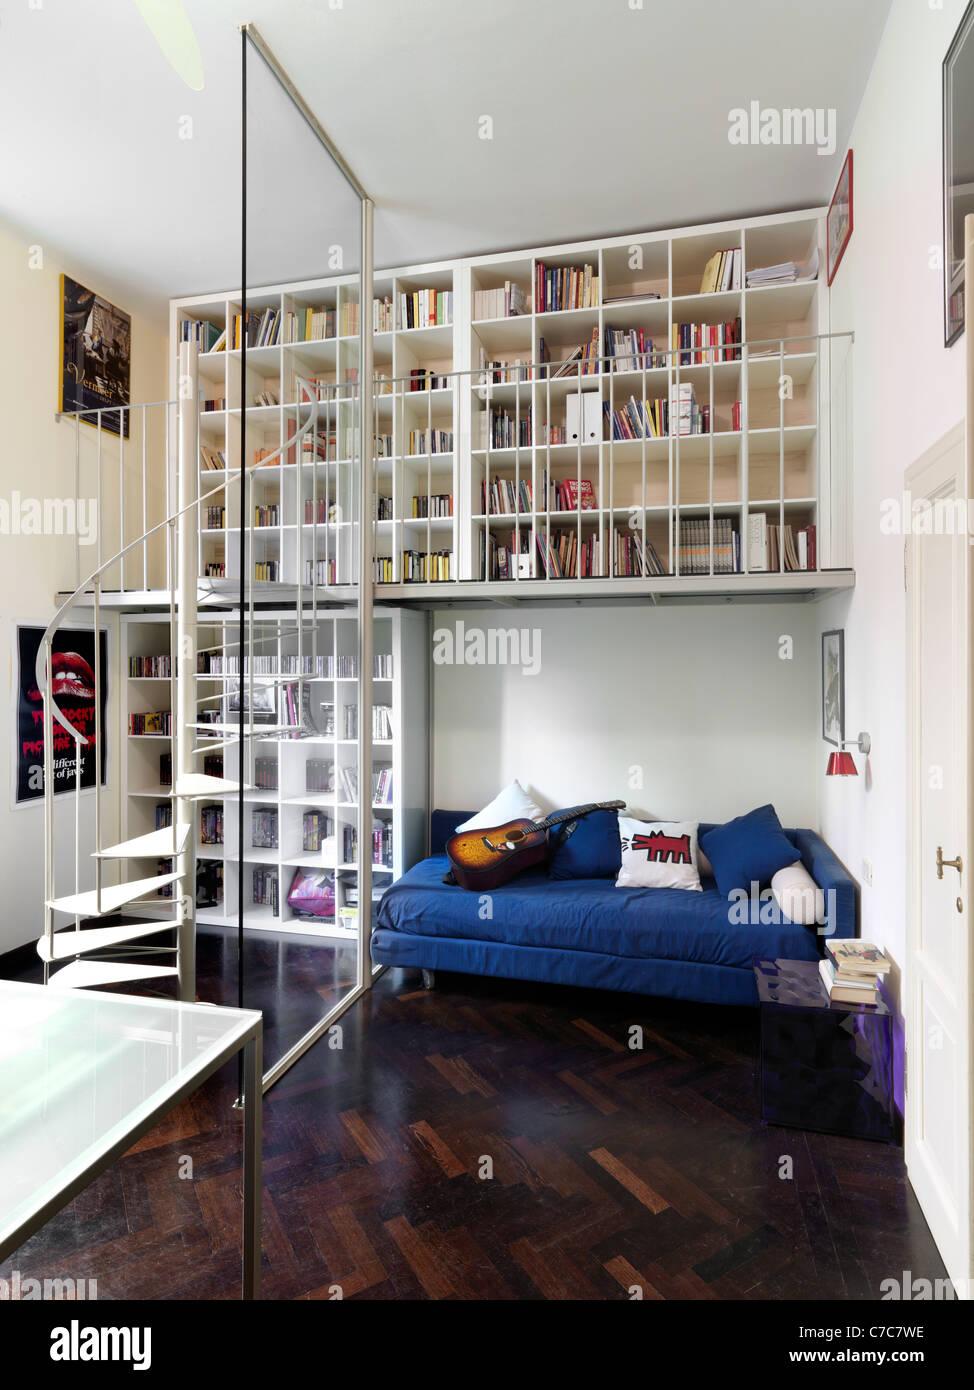 Chambre à coucher moderne avec plancher de bois et une bibliothèque au-dessus de lit Photo Stock